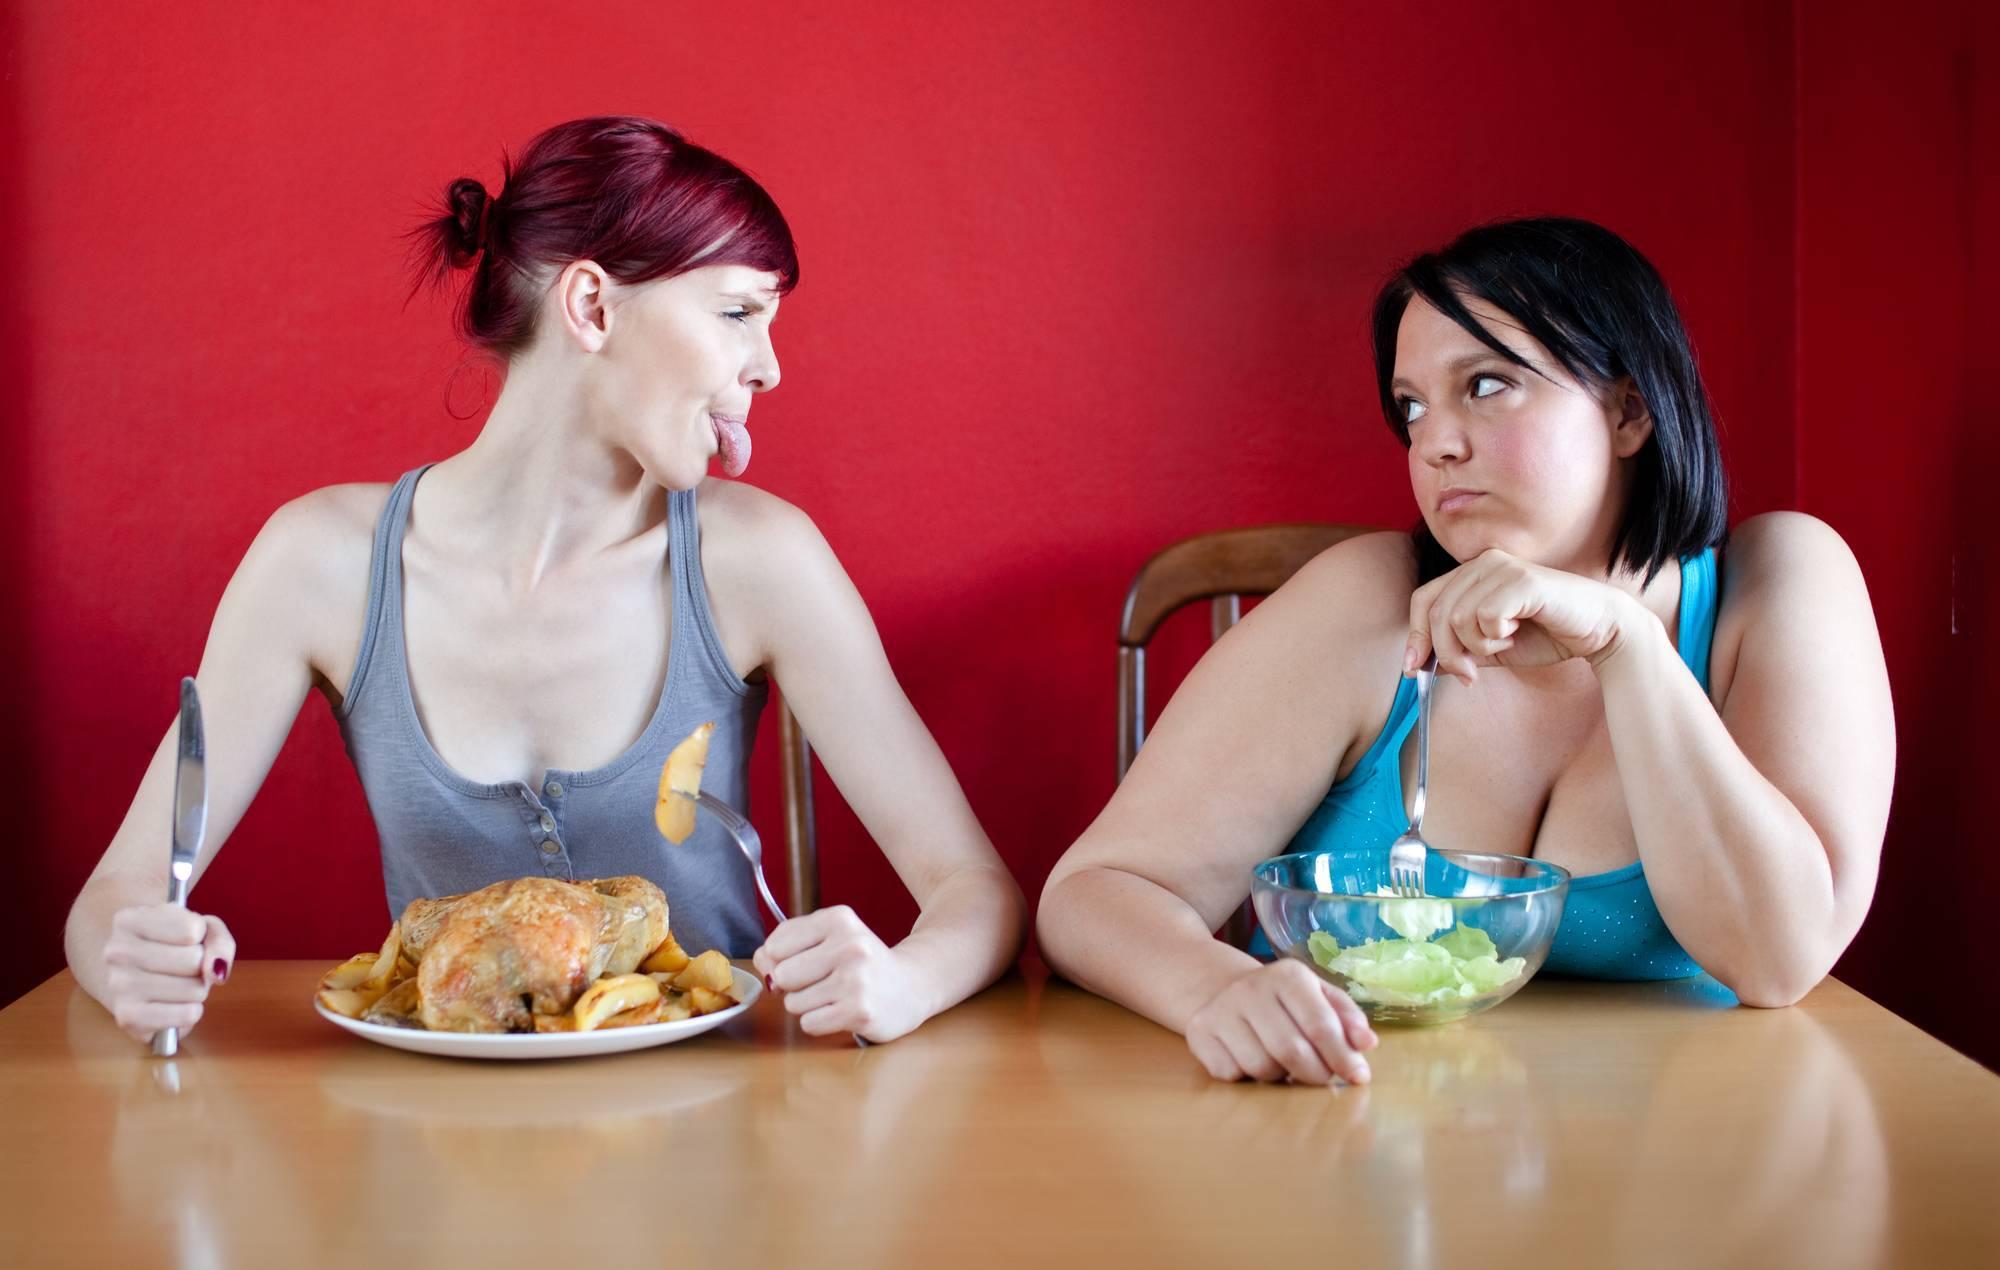 Миф или реальность, что от пива толстеют - все о еде и ее приготовлении